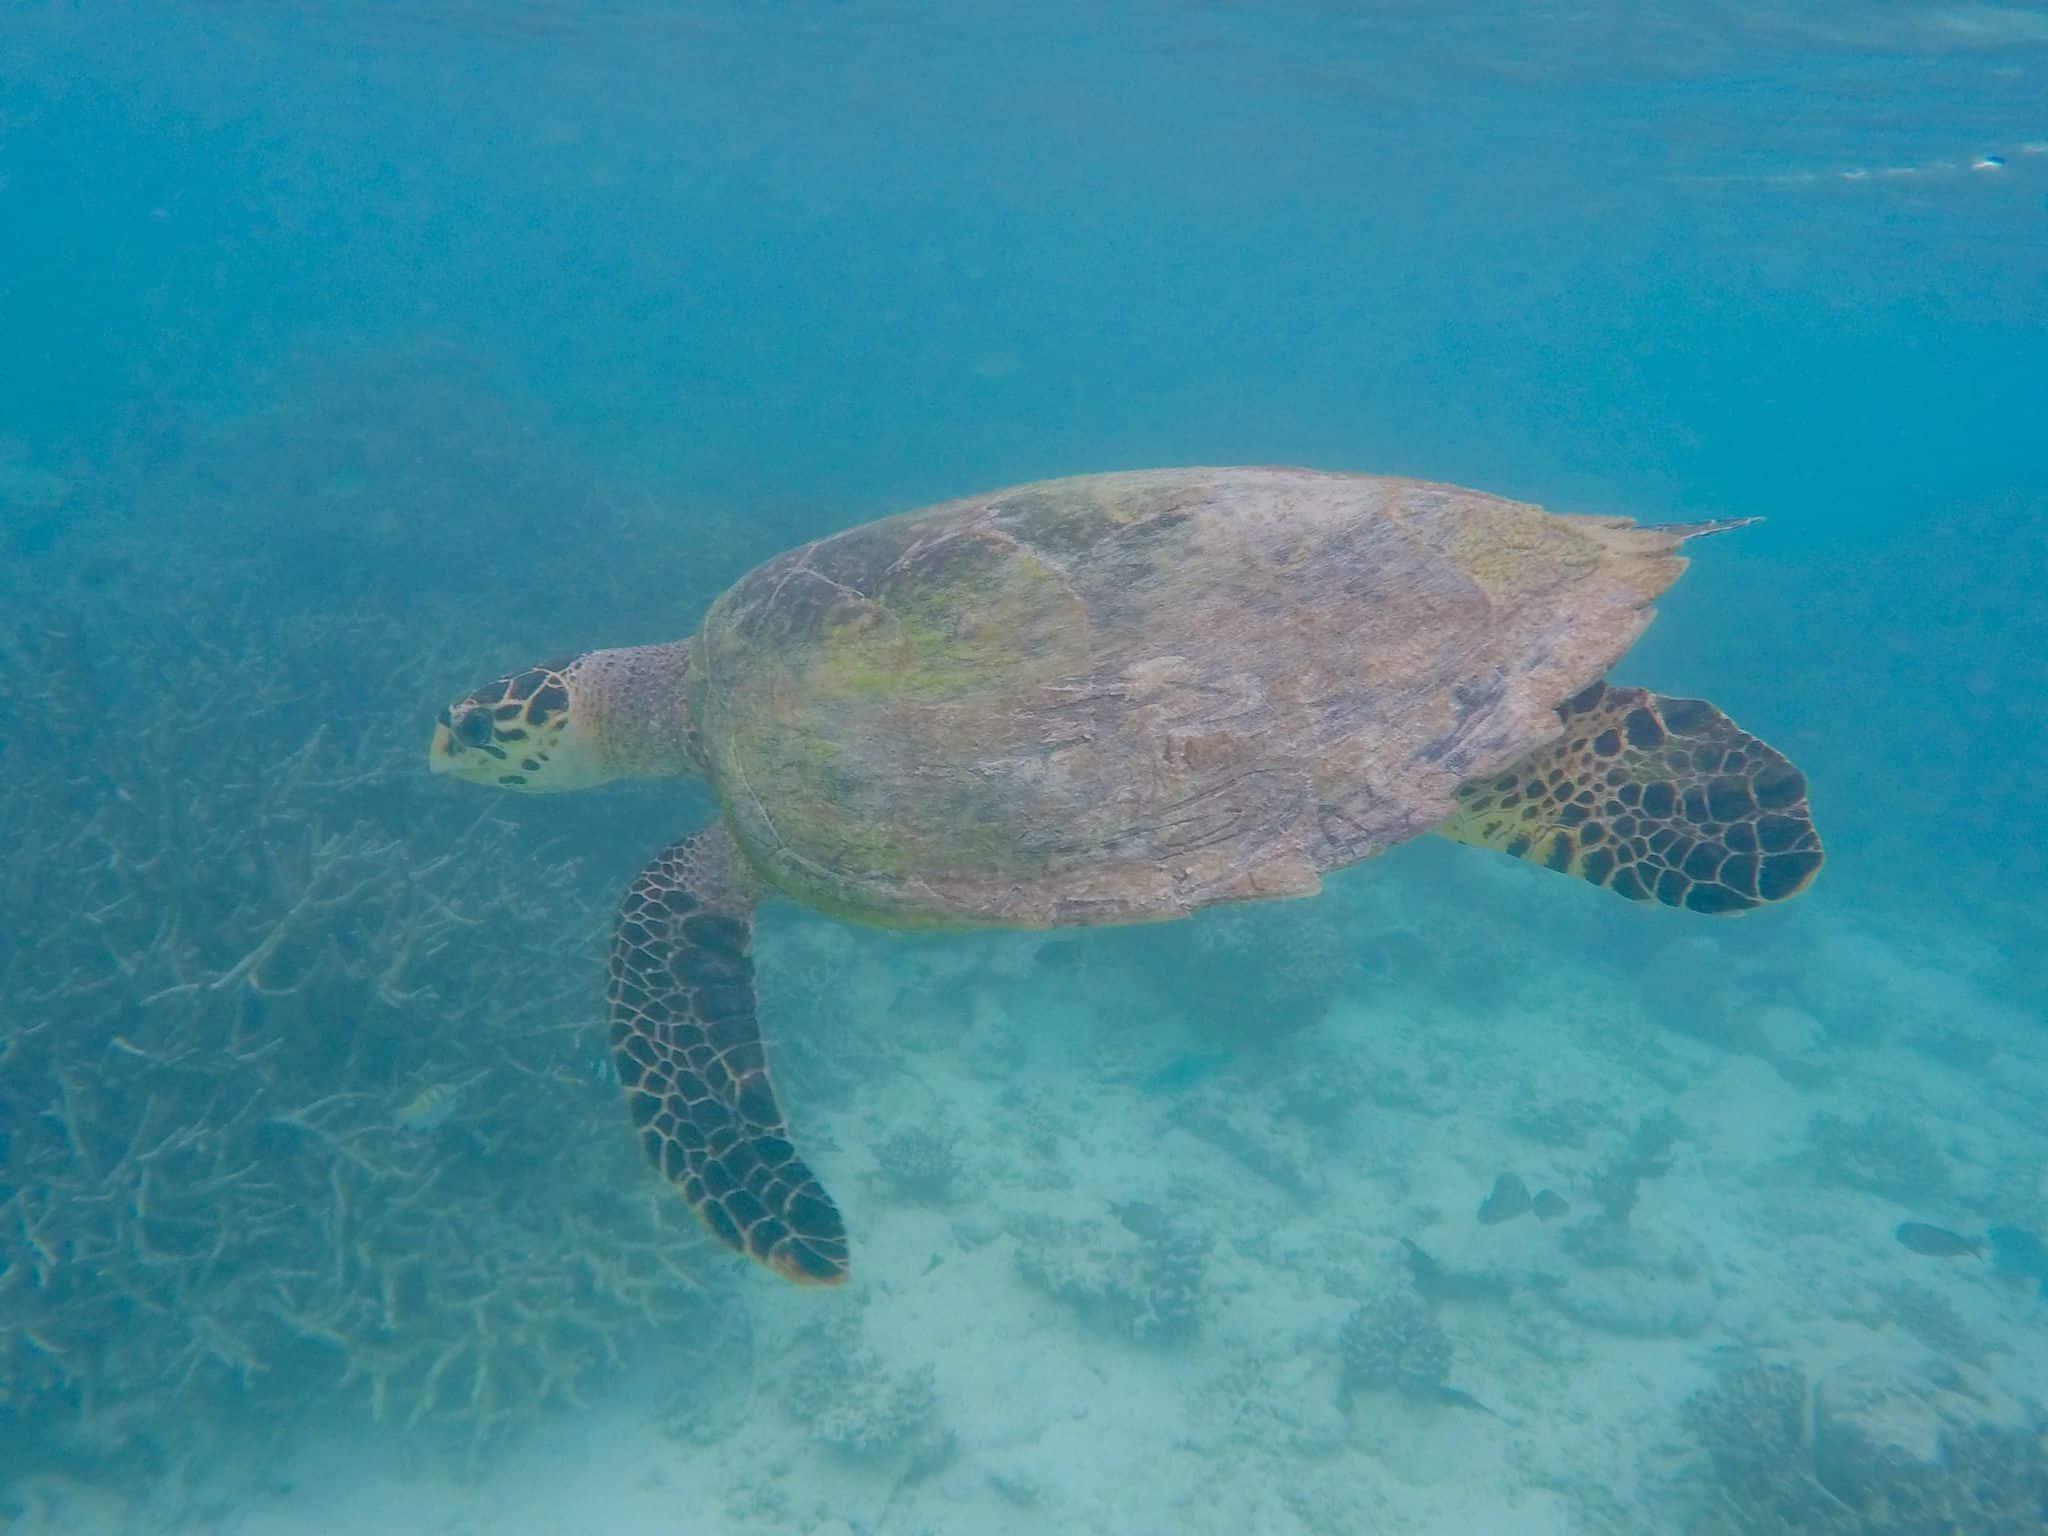 Schildkröte am Hausriff von Coco Bodu Hithi. Foto: Sascha Tegtmeyer